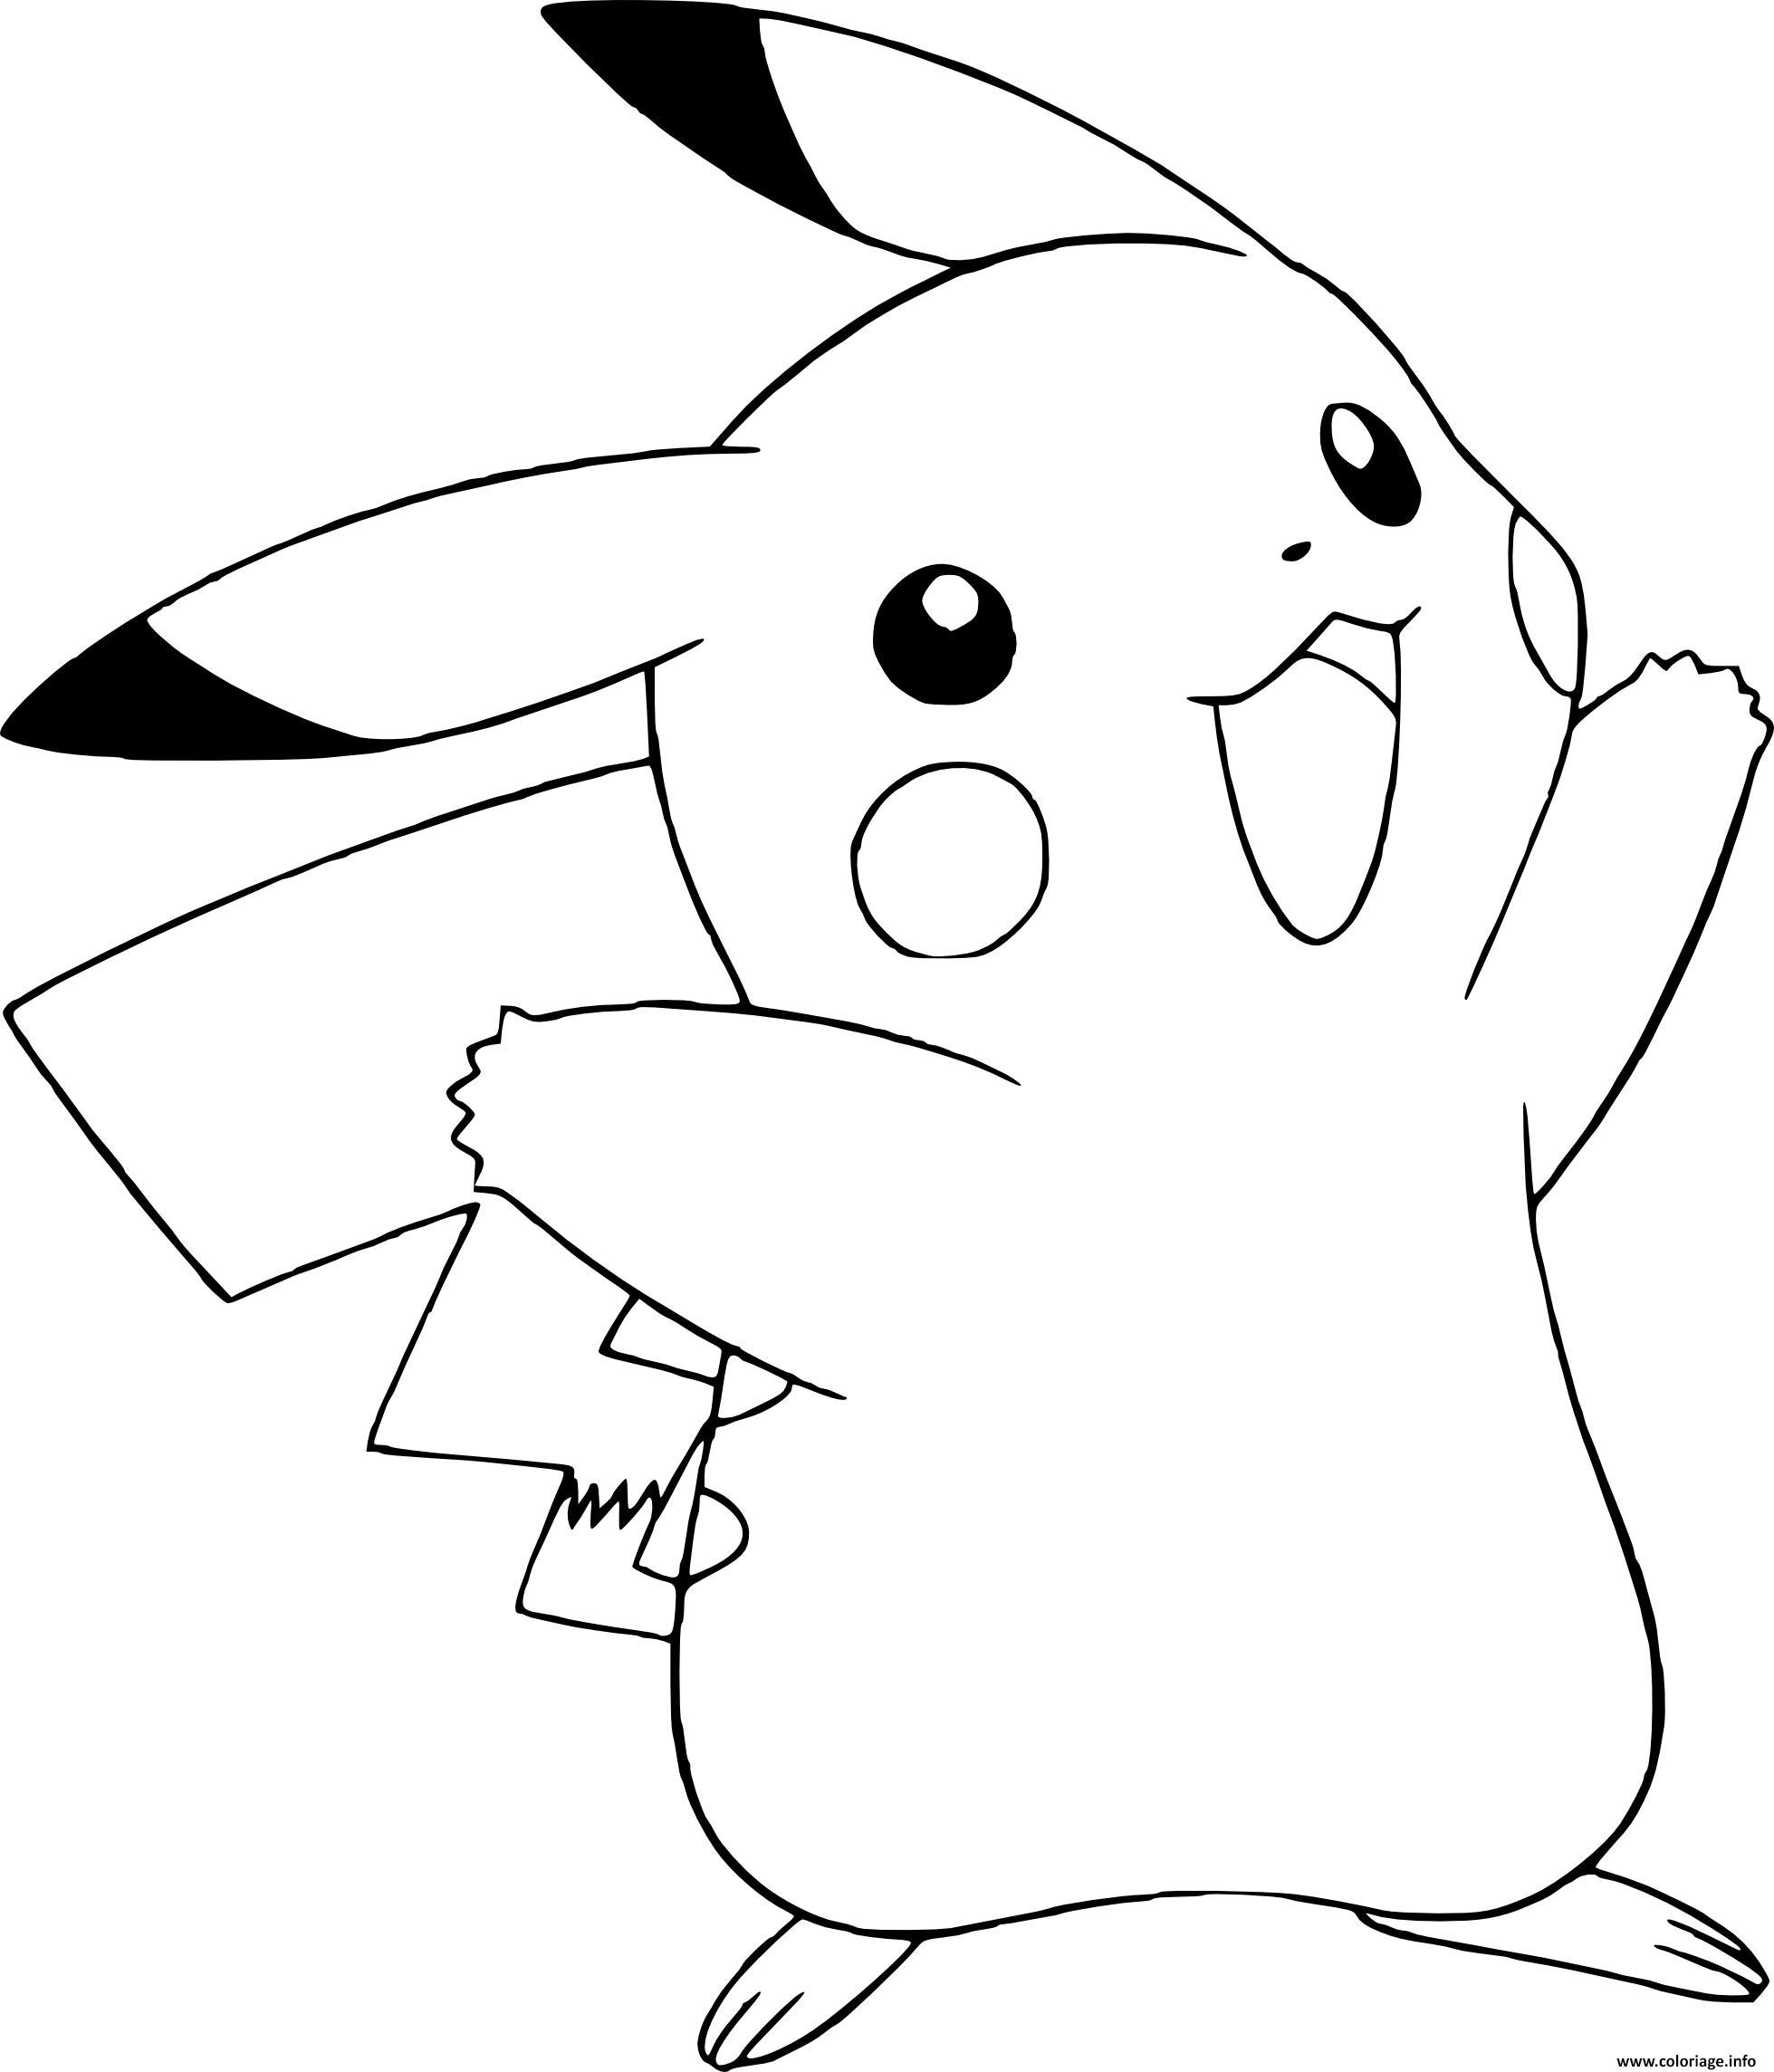 Dessin pokemon pikachu fait salut Coloriage Gratuit à Imprimer